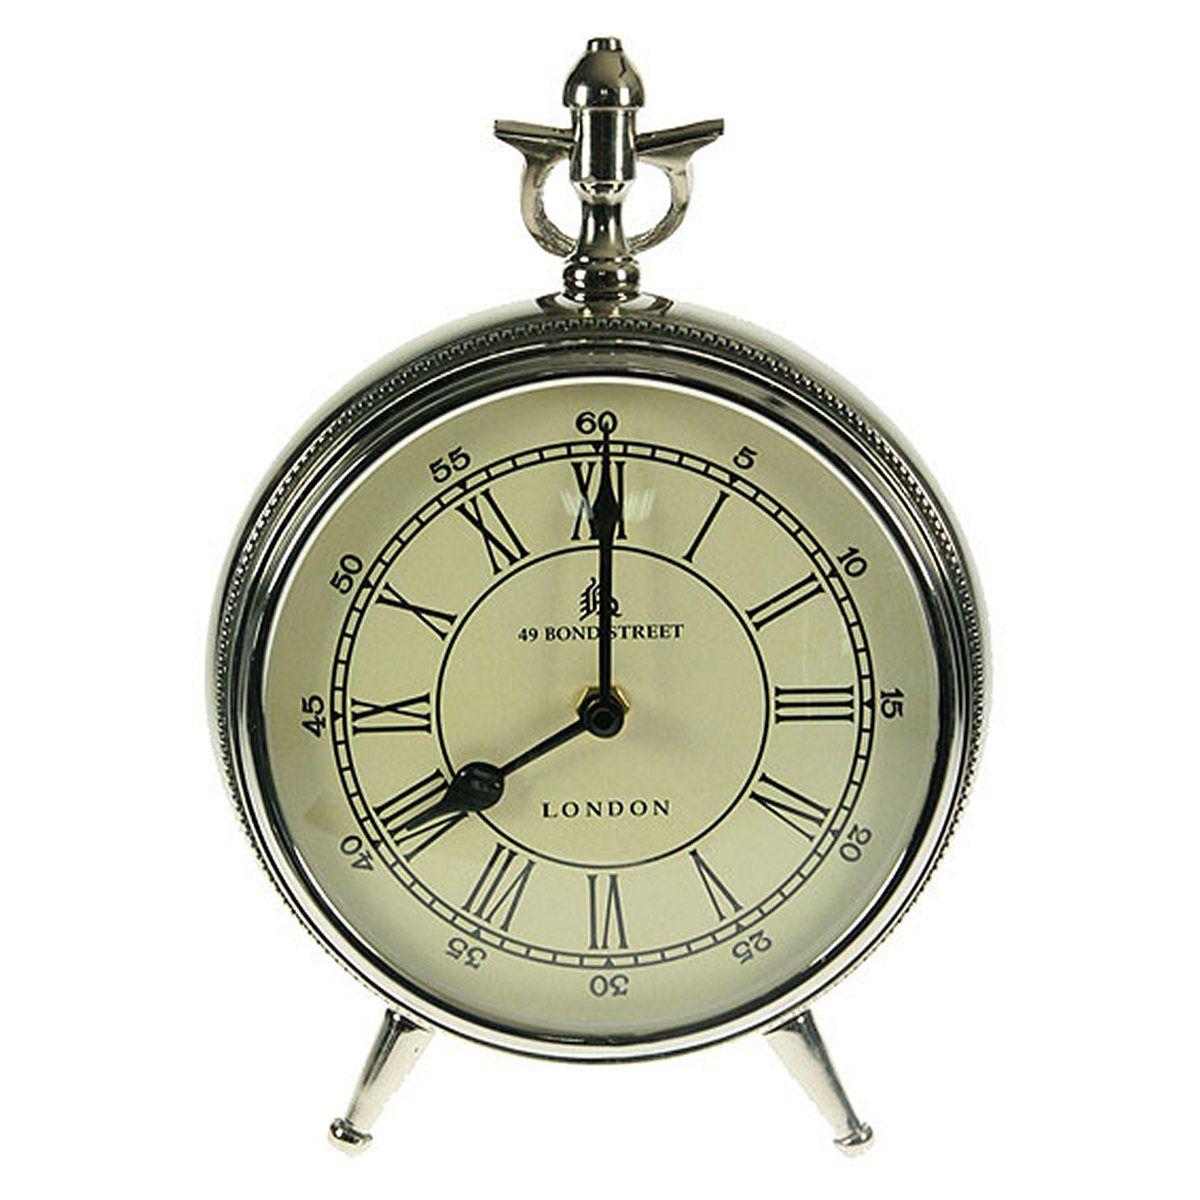 Часы настольные Русские Подарки, 18 х 11 х 24 см. 3582294672Настольные кварцевые часы Русские Подарки изготовлены из металла, циферблат защищен стеклом. Часы имеют две стрелки - часовую и минутную.Такие часы красиво и необычно оформят интерьер дома или рабочий стол в офисе. Также часы могут стать уникальным, полезным подарком для родственников, коллег, знакомых и близких.